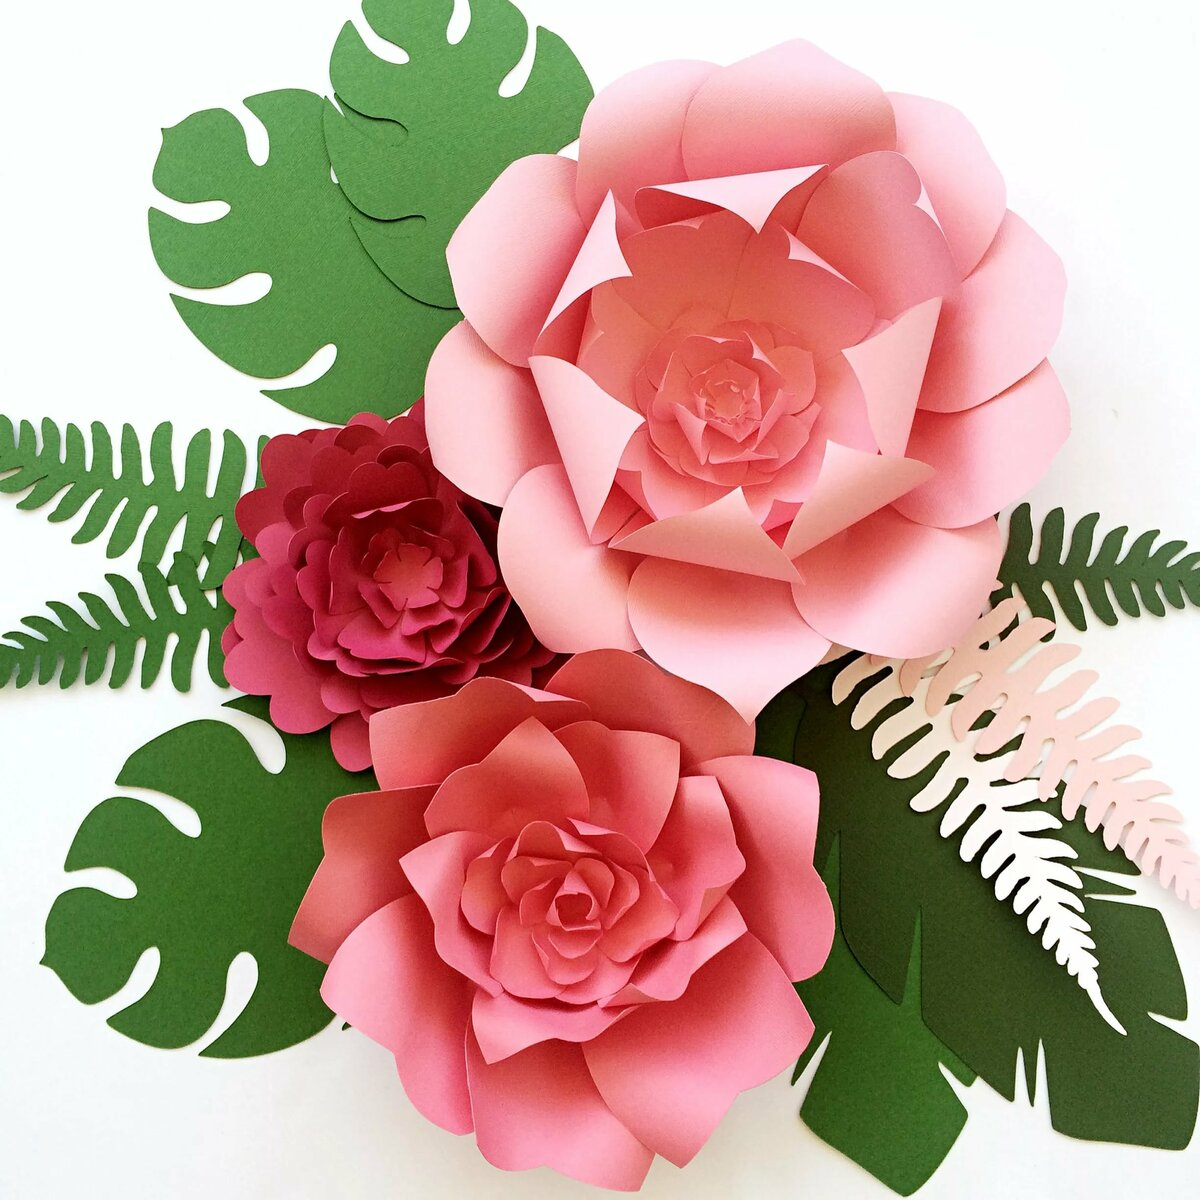 представлен картинки поделок цветов из бумаги таком